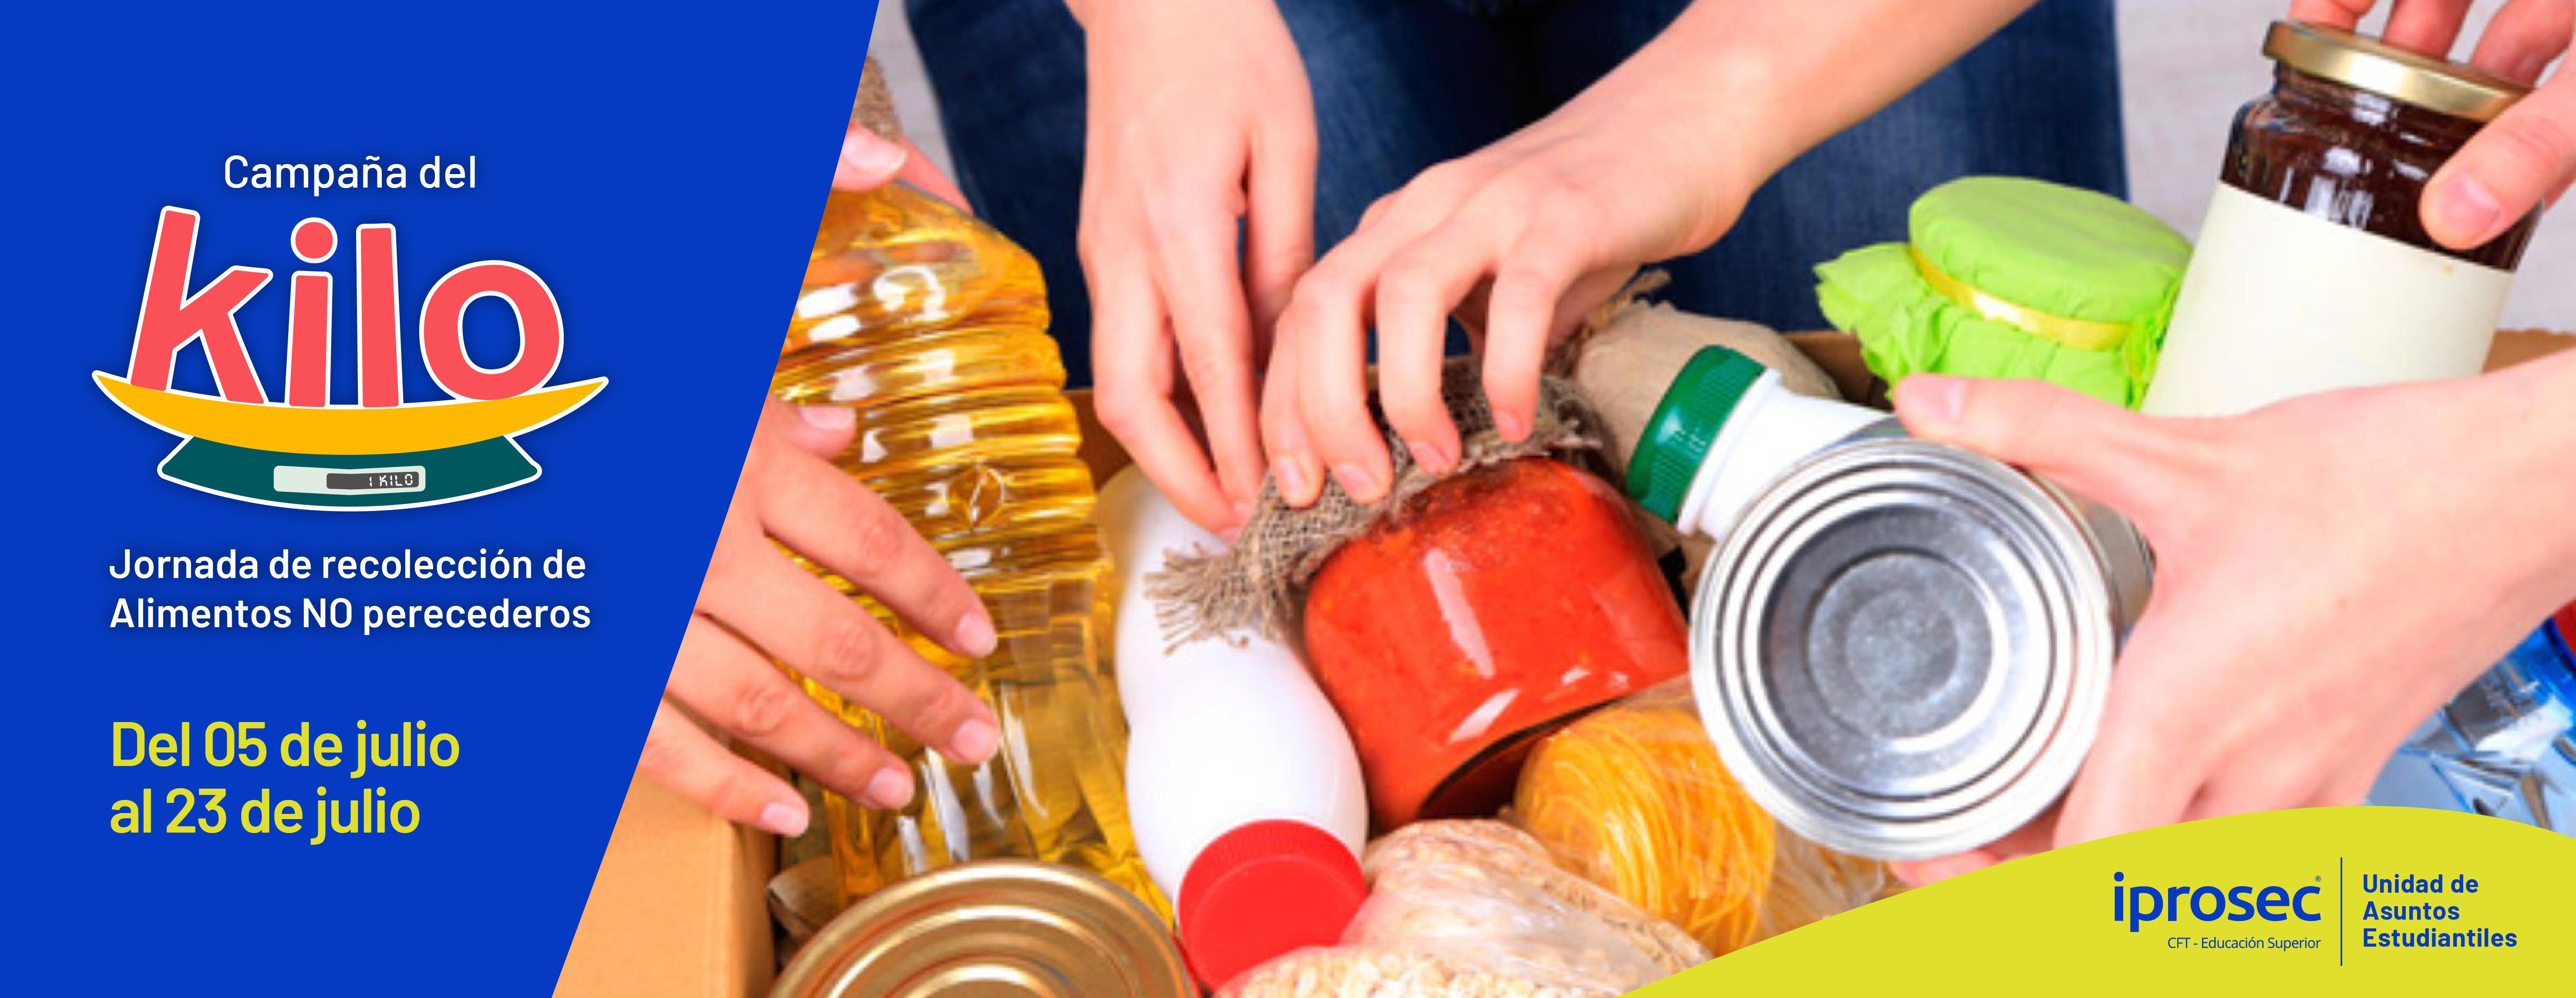 UAE organiza colecta de alimentos No perecibles para estudiantes afectados por la pandemia